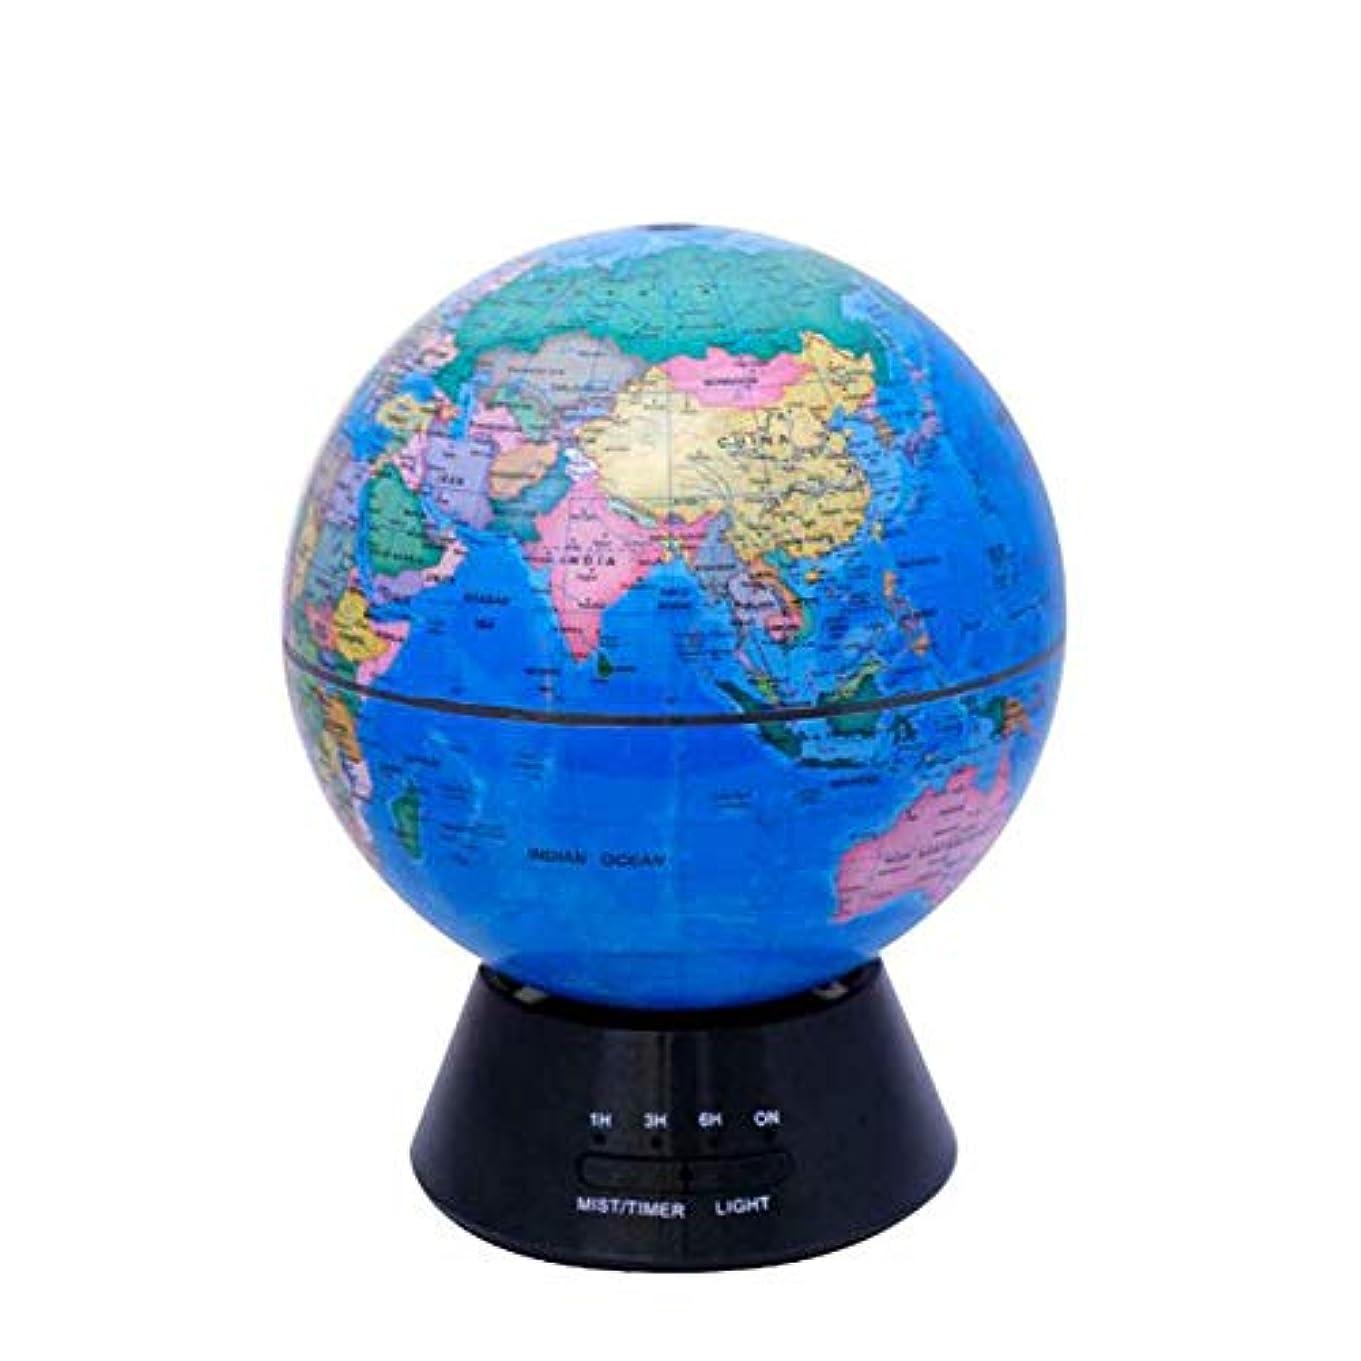 特徴づけるファイター東エッセンシャルオイルディフューザー、グローブアロマ機加湿器カラフルな雰囲気ランプ卓上超音波ディフューザー300ML